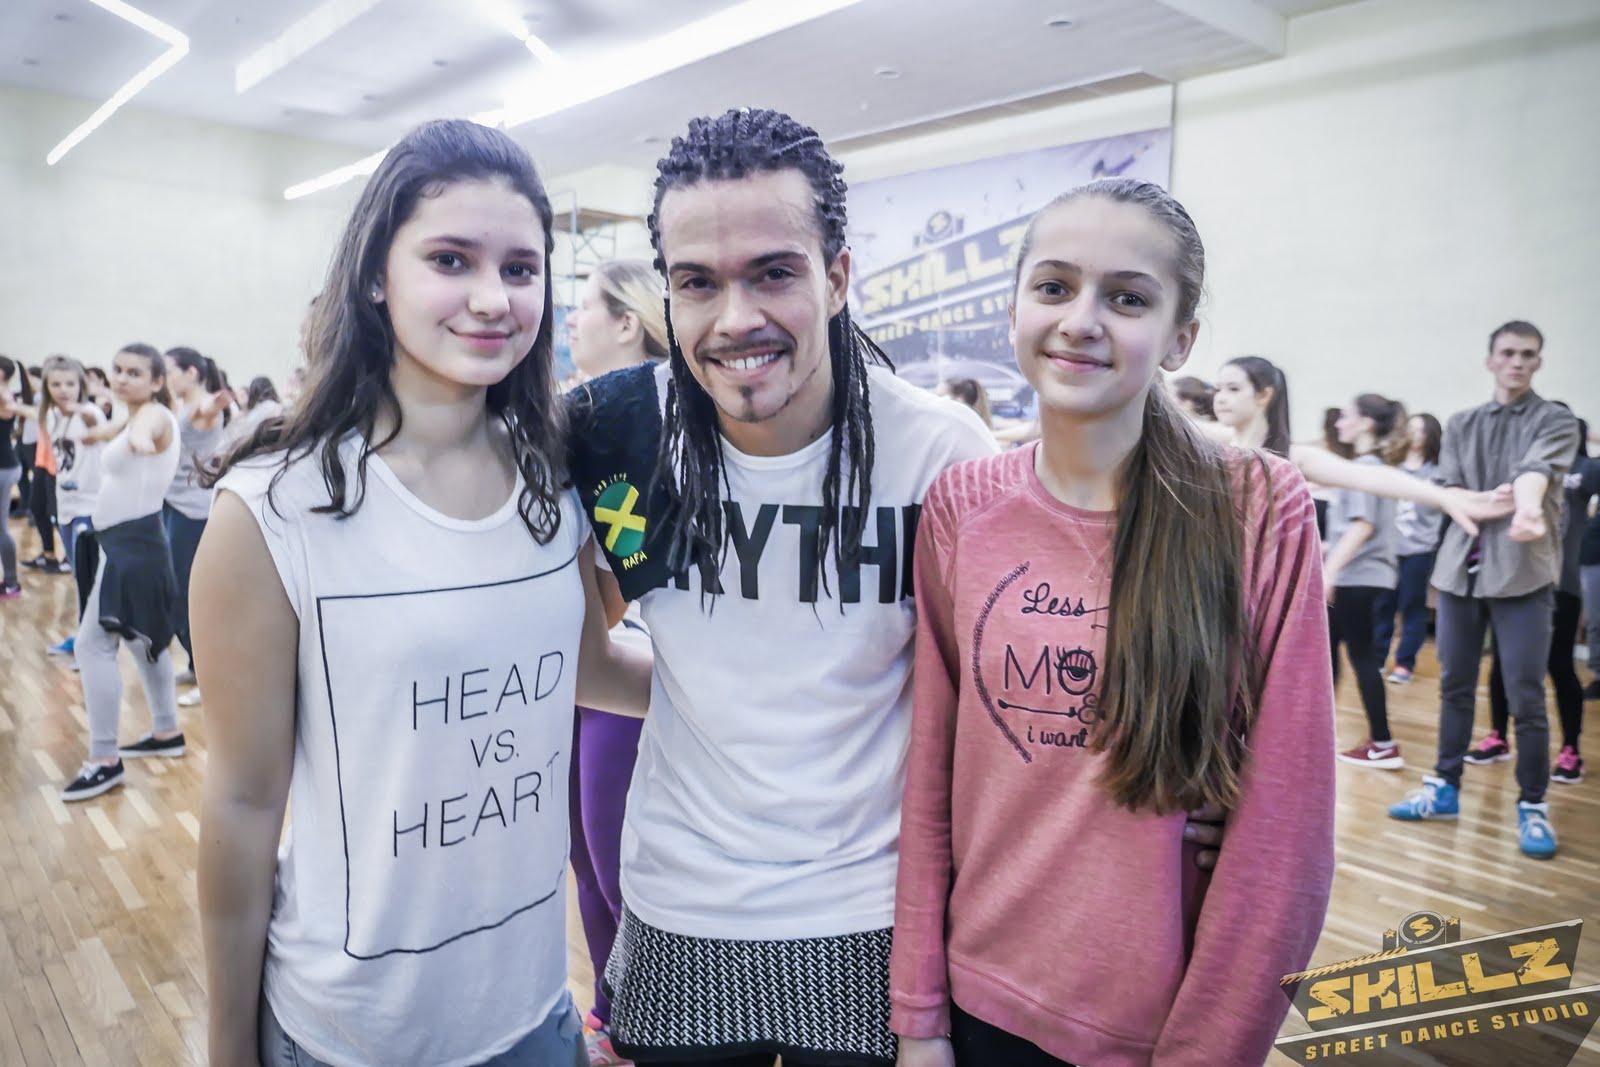 Dancehall seminaras su Rafa iš Ispanijos - P1100941.jpg